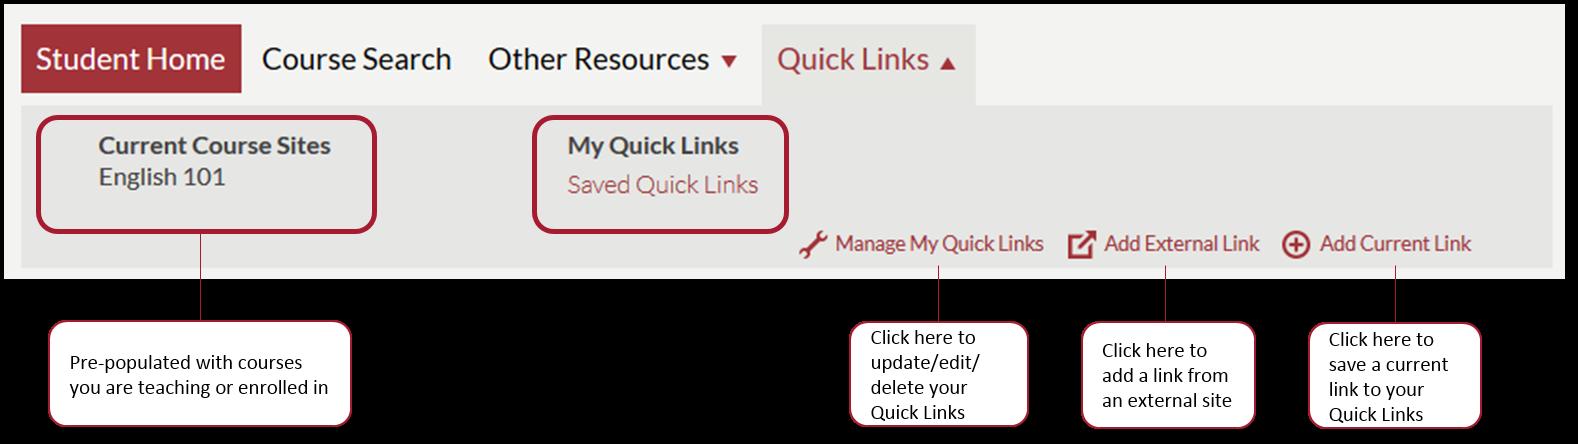 Using Quick Links in my harvard - IT Help